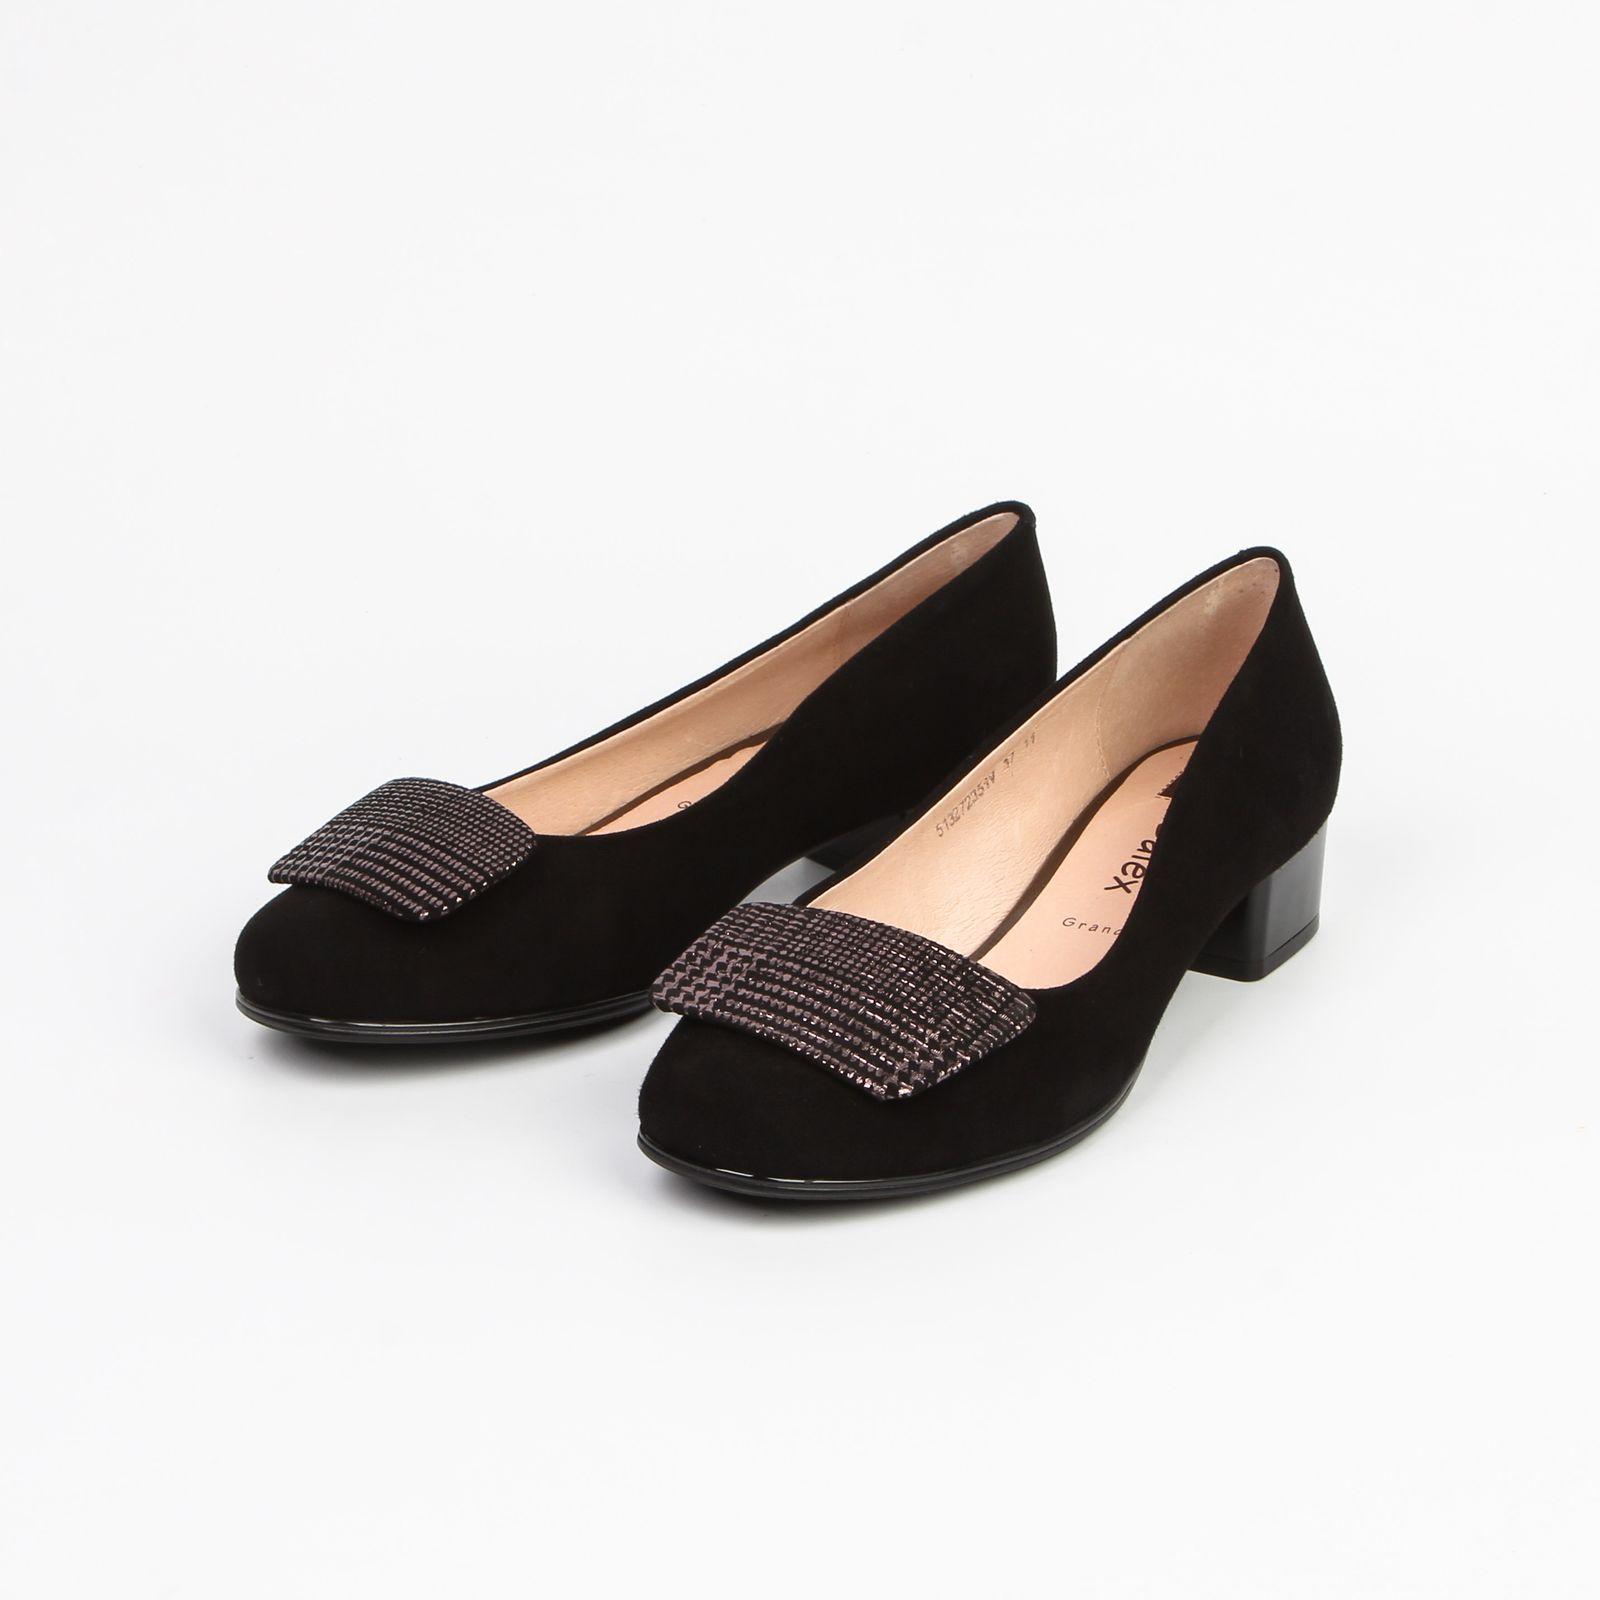 Туфли женские с украшением на мысу